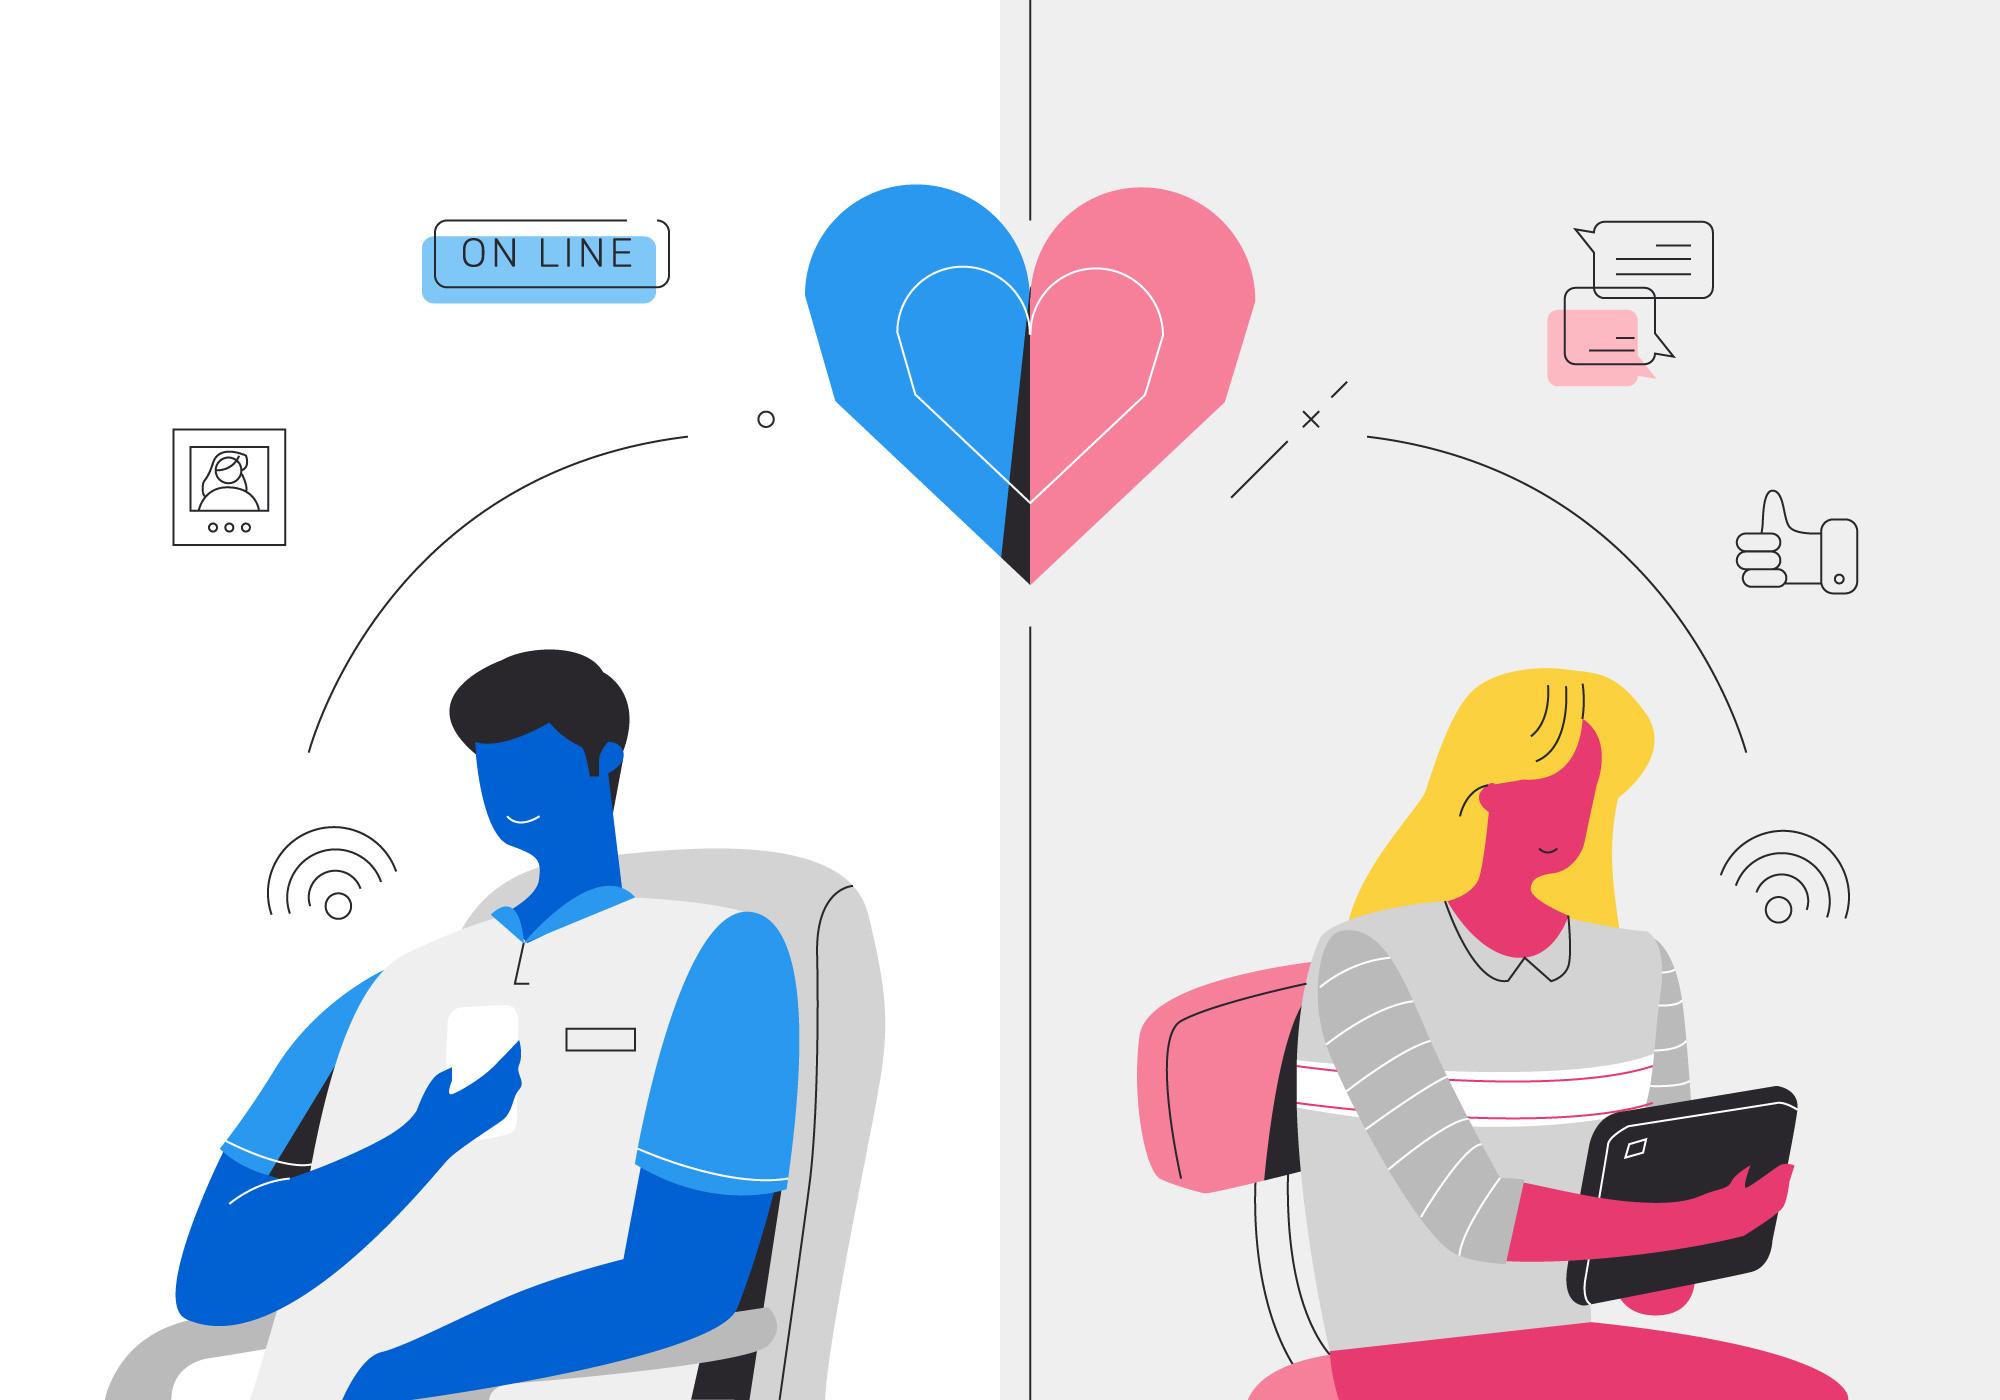 Leder en match till frhllande eller sex? - Lund University